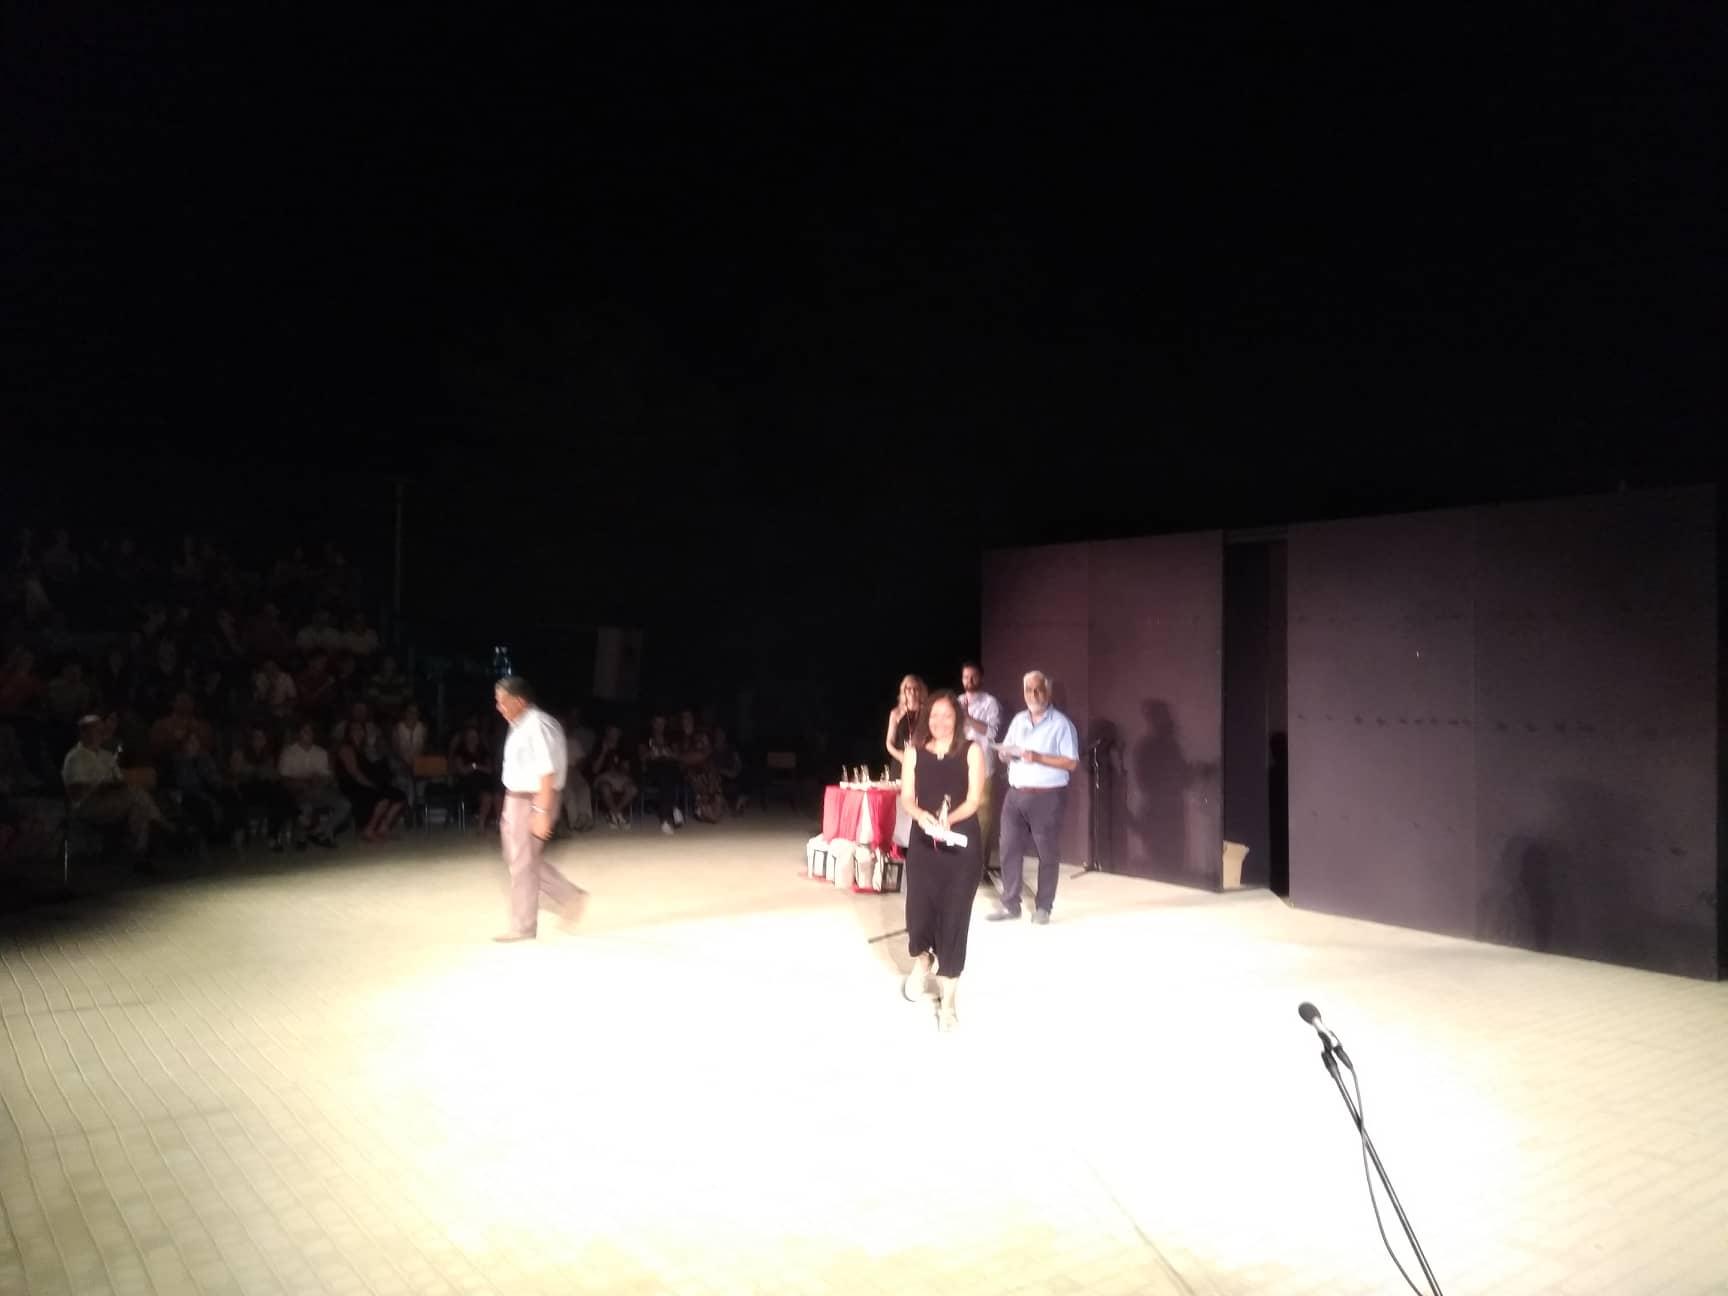 ΚΑΣΤΟΡΙΑ:  ΣΠΑΣΜΕΝΟ ΡΟΔΙ 2 βραβεία και 4 υποψηφιότητες για την «Επιστροφή της Κλάρας Βέσερ»